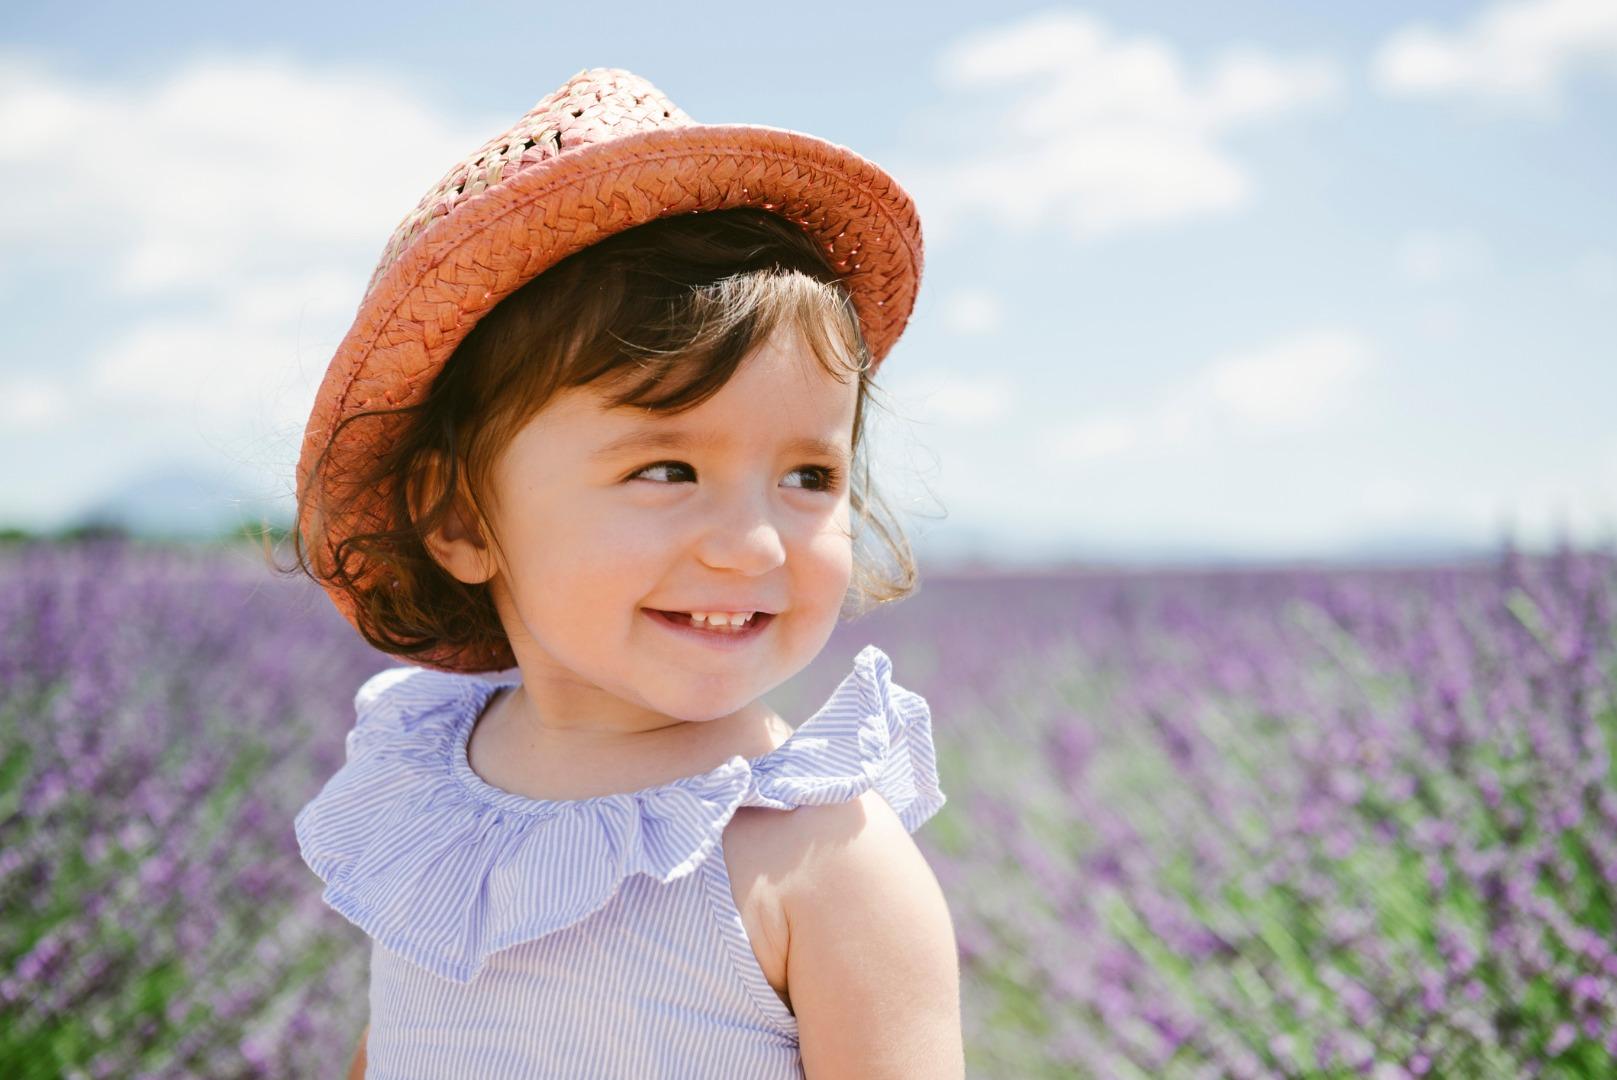 «Может ли аллергия пройти с возрастом сама?»